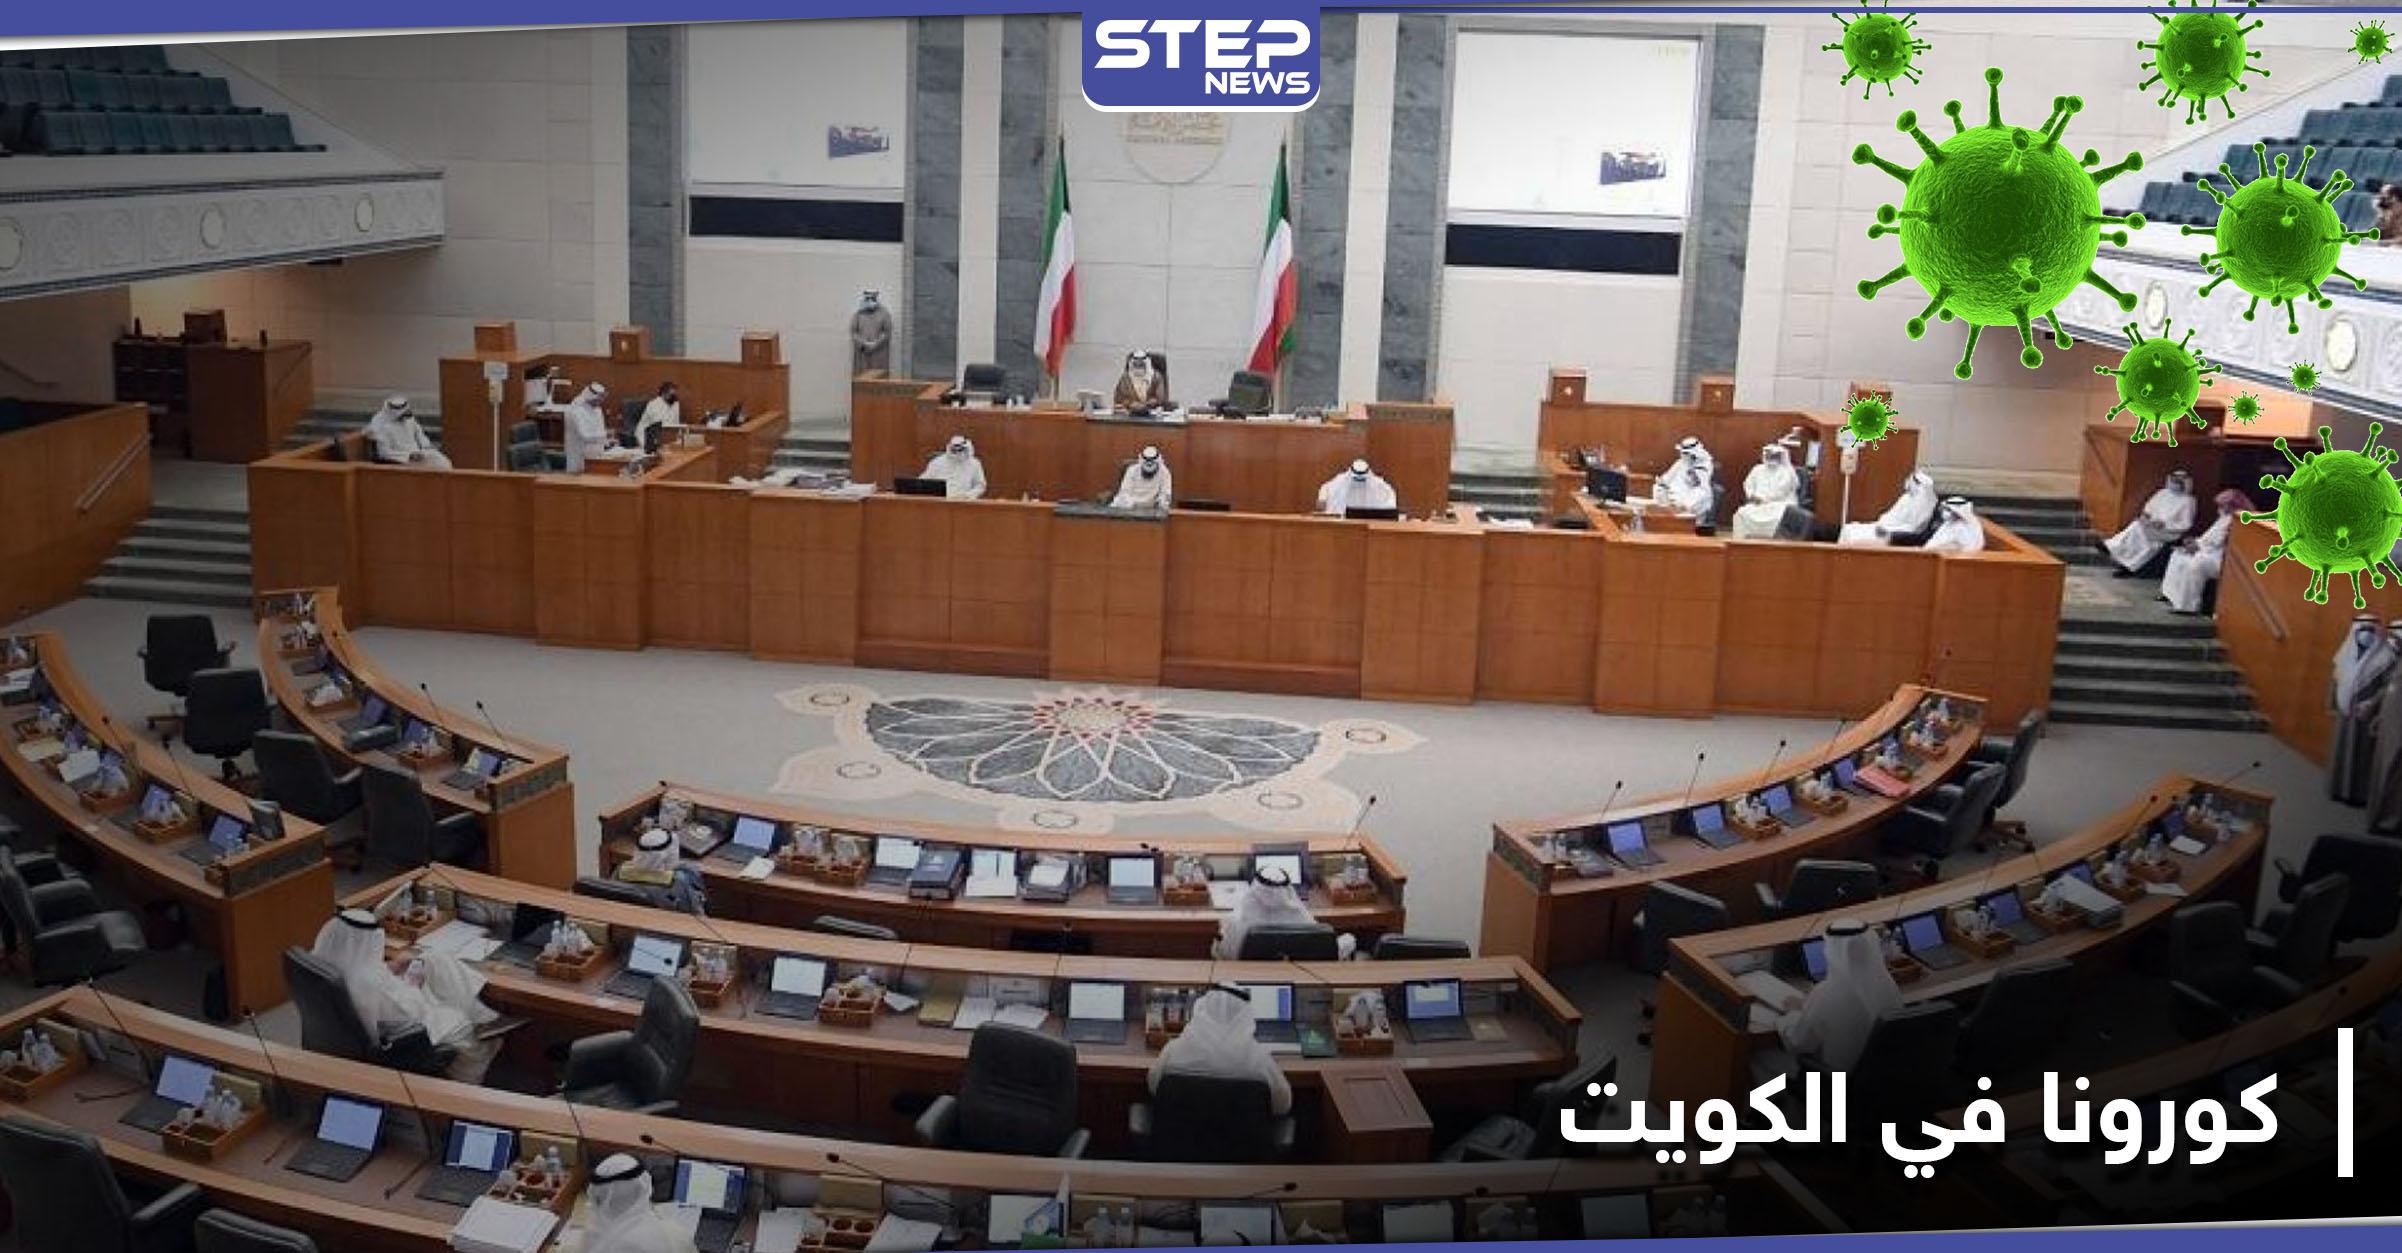 كورونا يخترق مجلس الأمة في الكويت